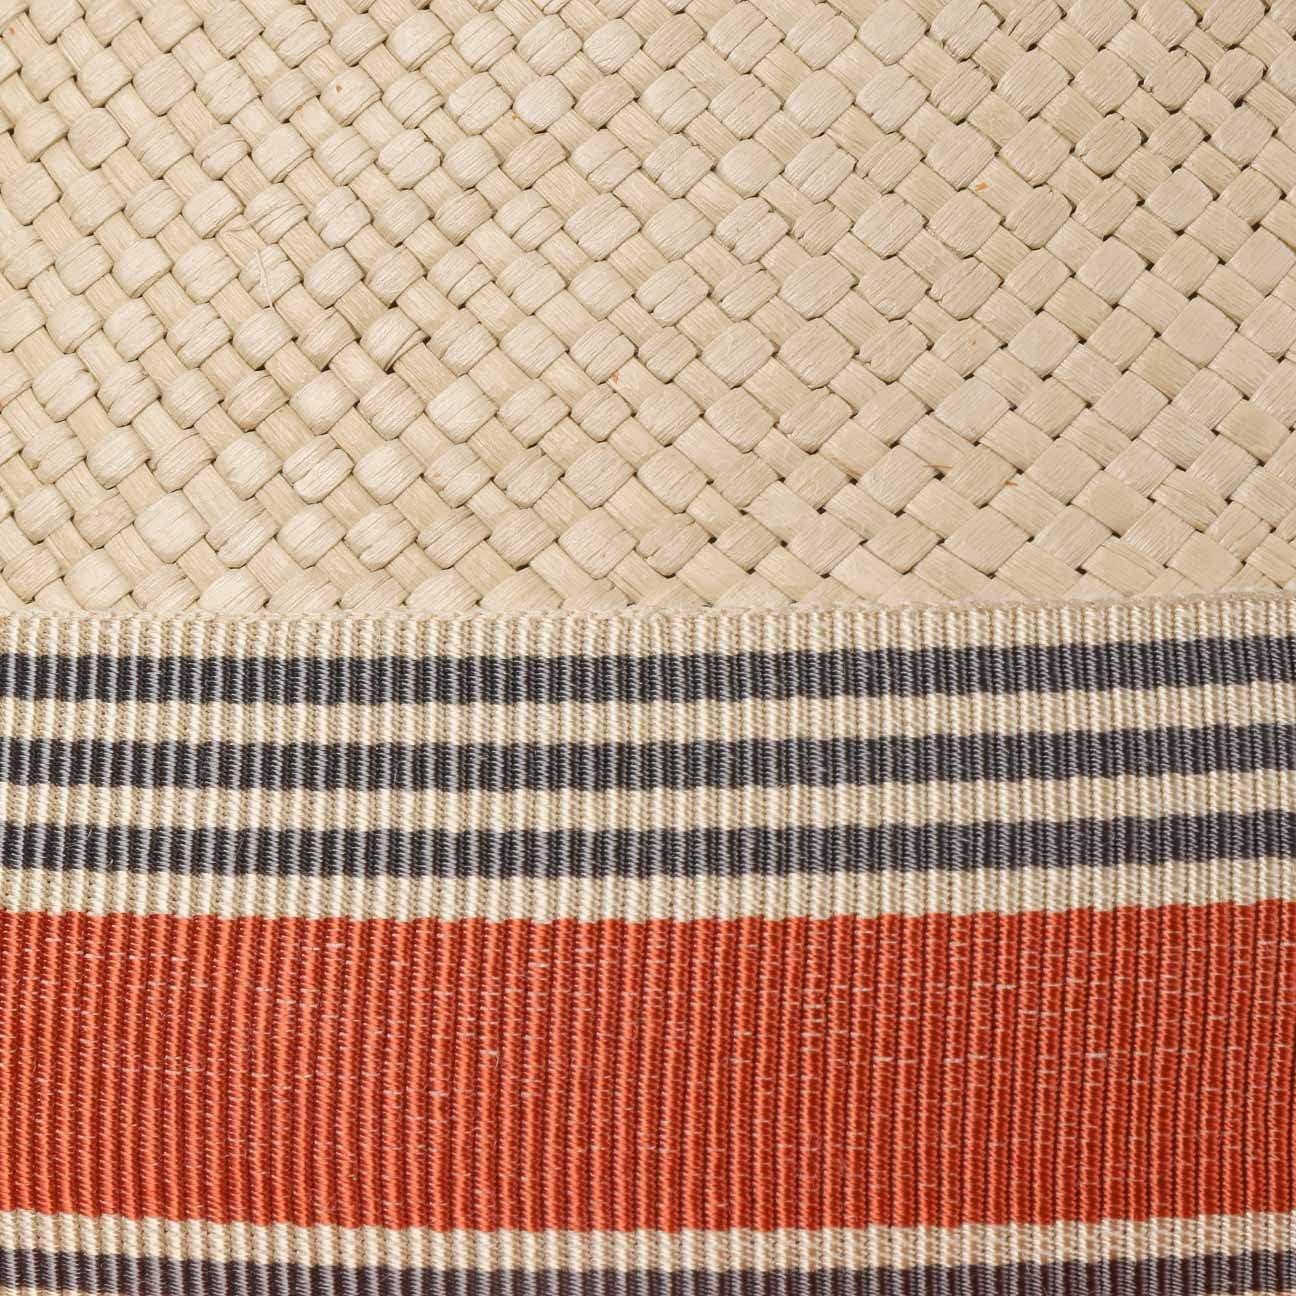 Stetson Twotone Player Panamahut Strohhut Strandhut Panamastrohhut Sonnenhut Damen//Herren Made in Ecuador mit Ripsband Fr/ühling-Sommer